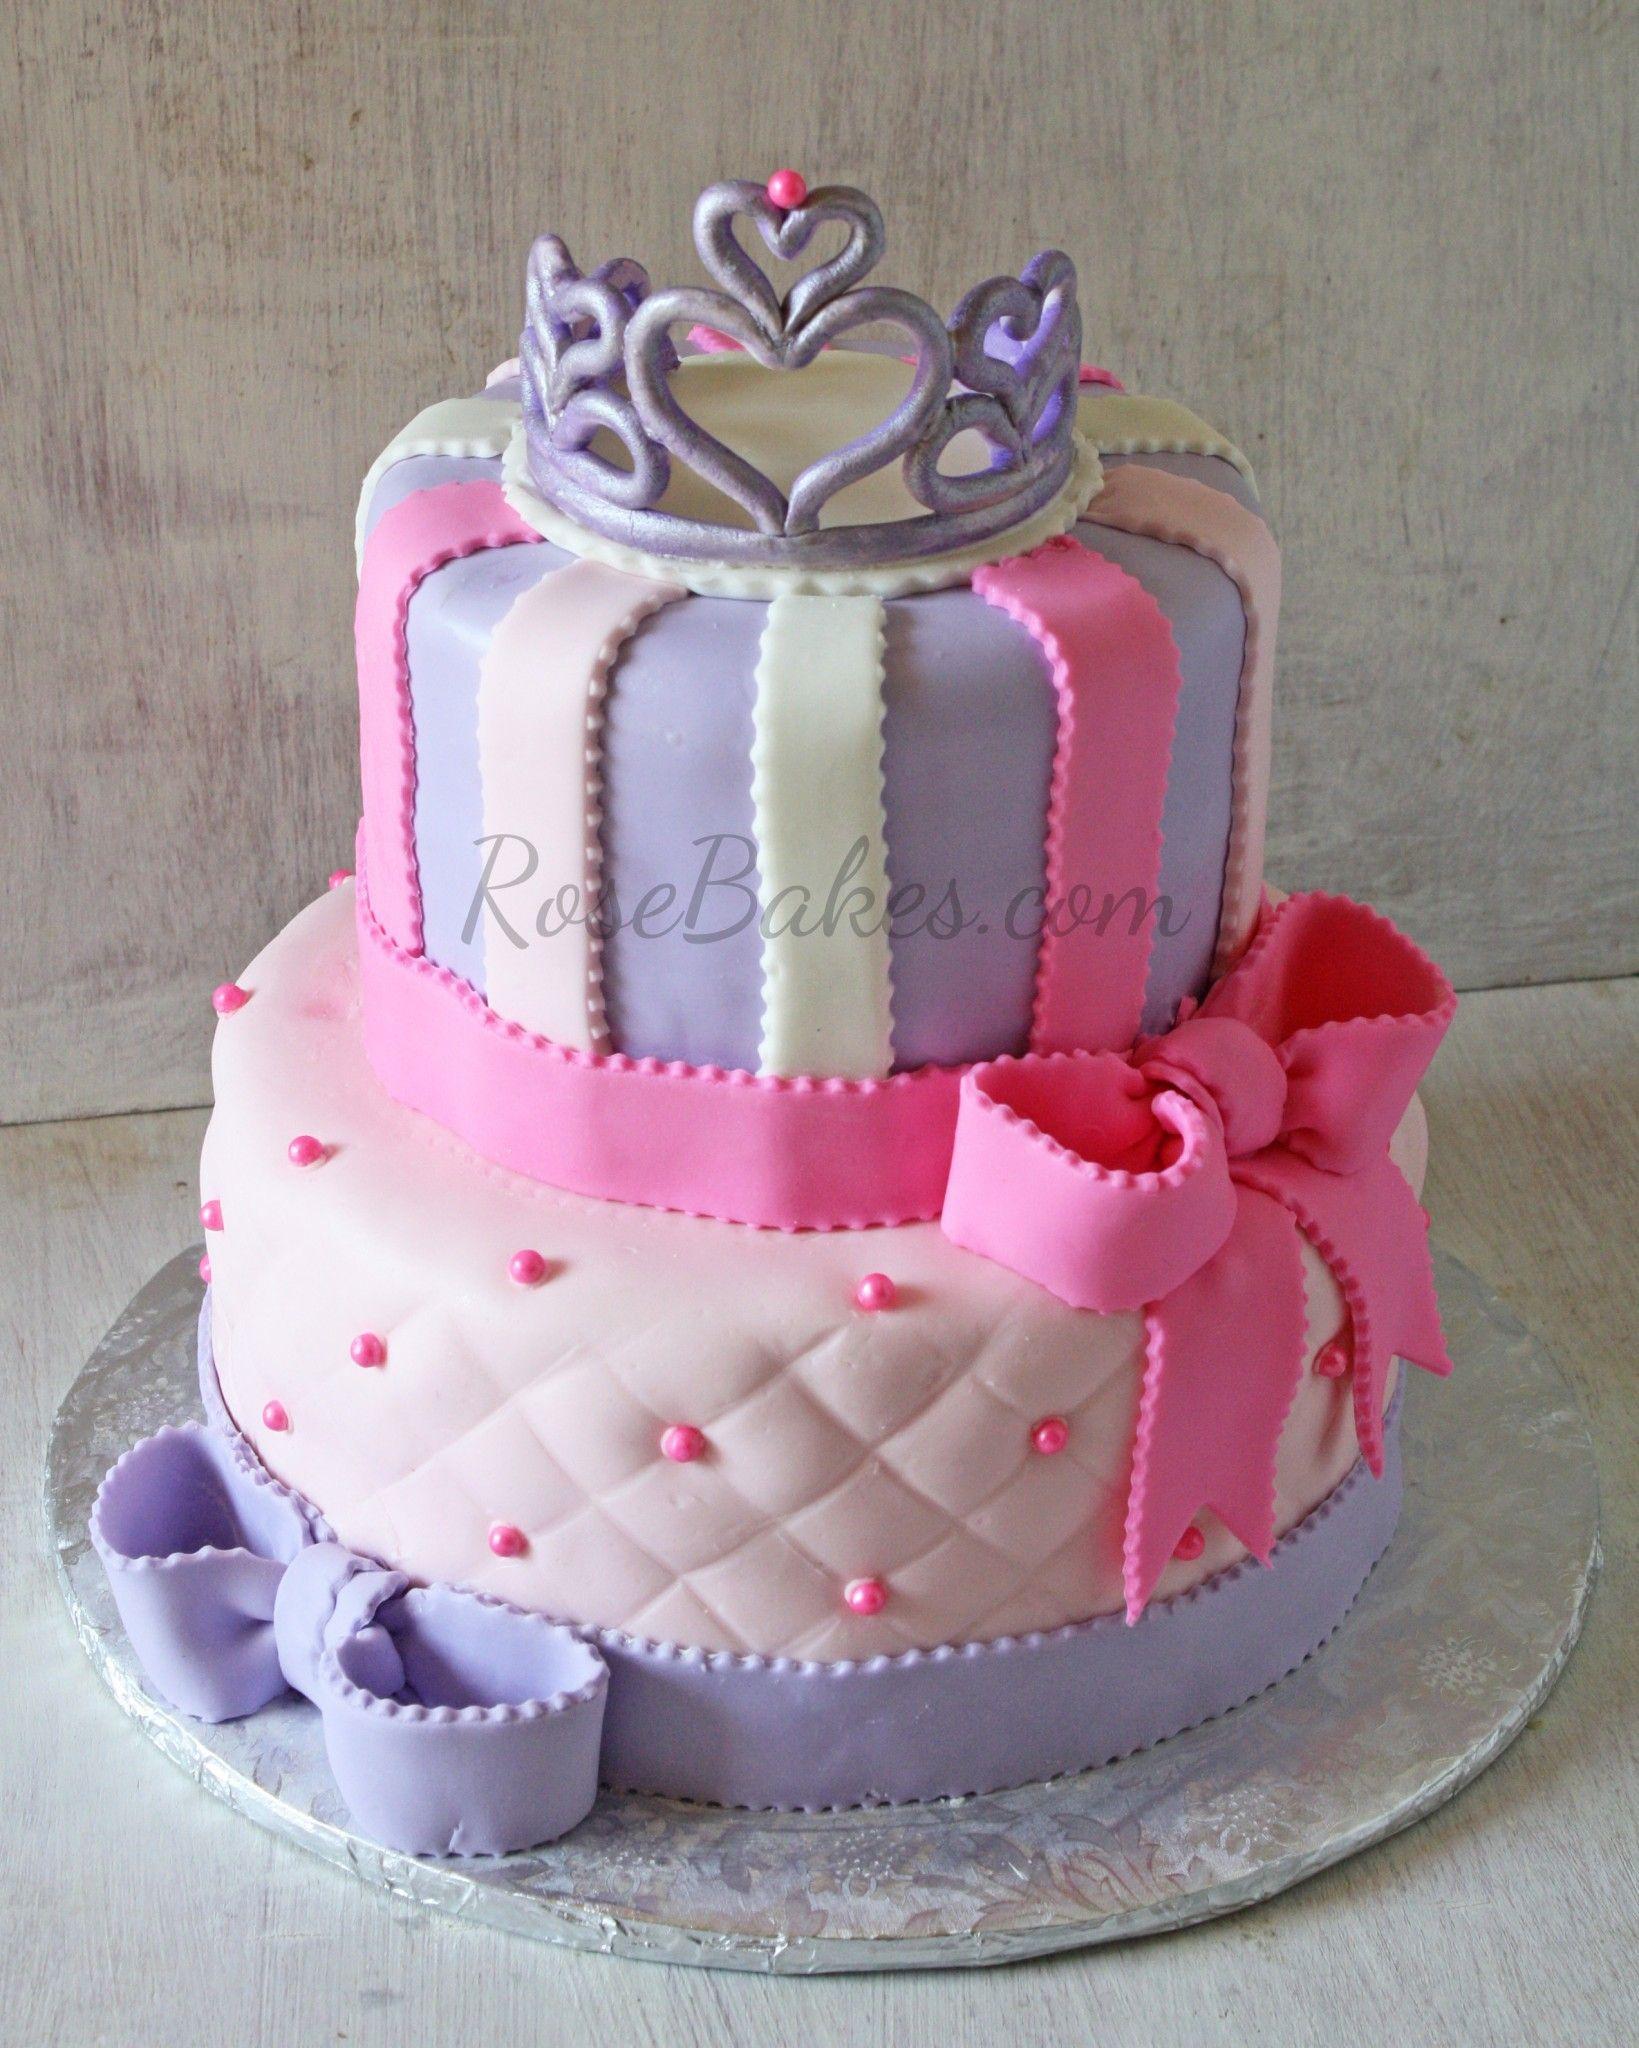 Tiara And Bows Princess Cake Cake - Cakes for princess birthday